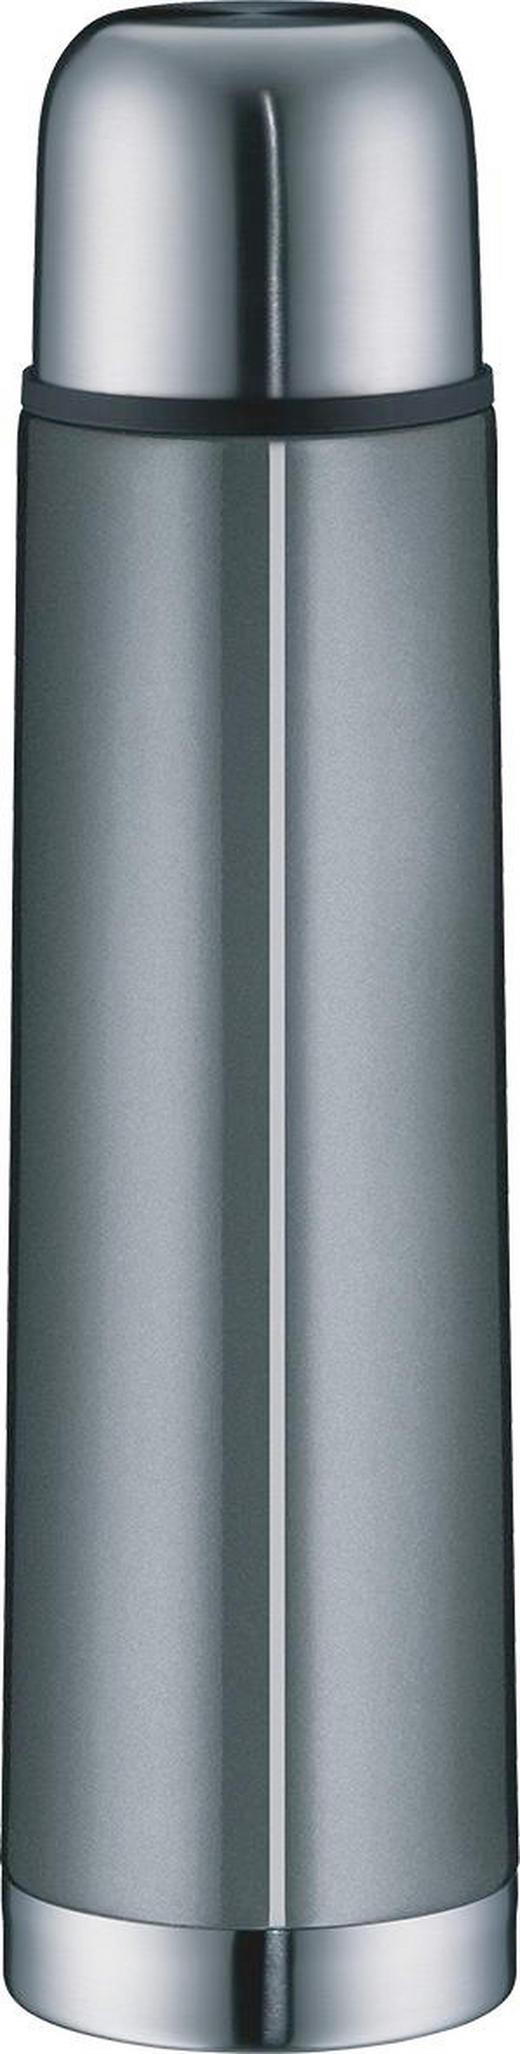 ISOLIERFLASCHE 0,75 L - Silberfarben/Grau, Basics, Metall (0,75l) - Alfi